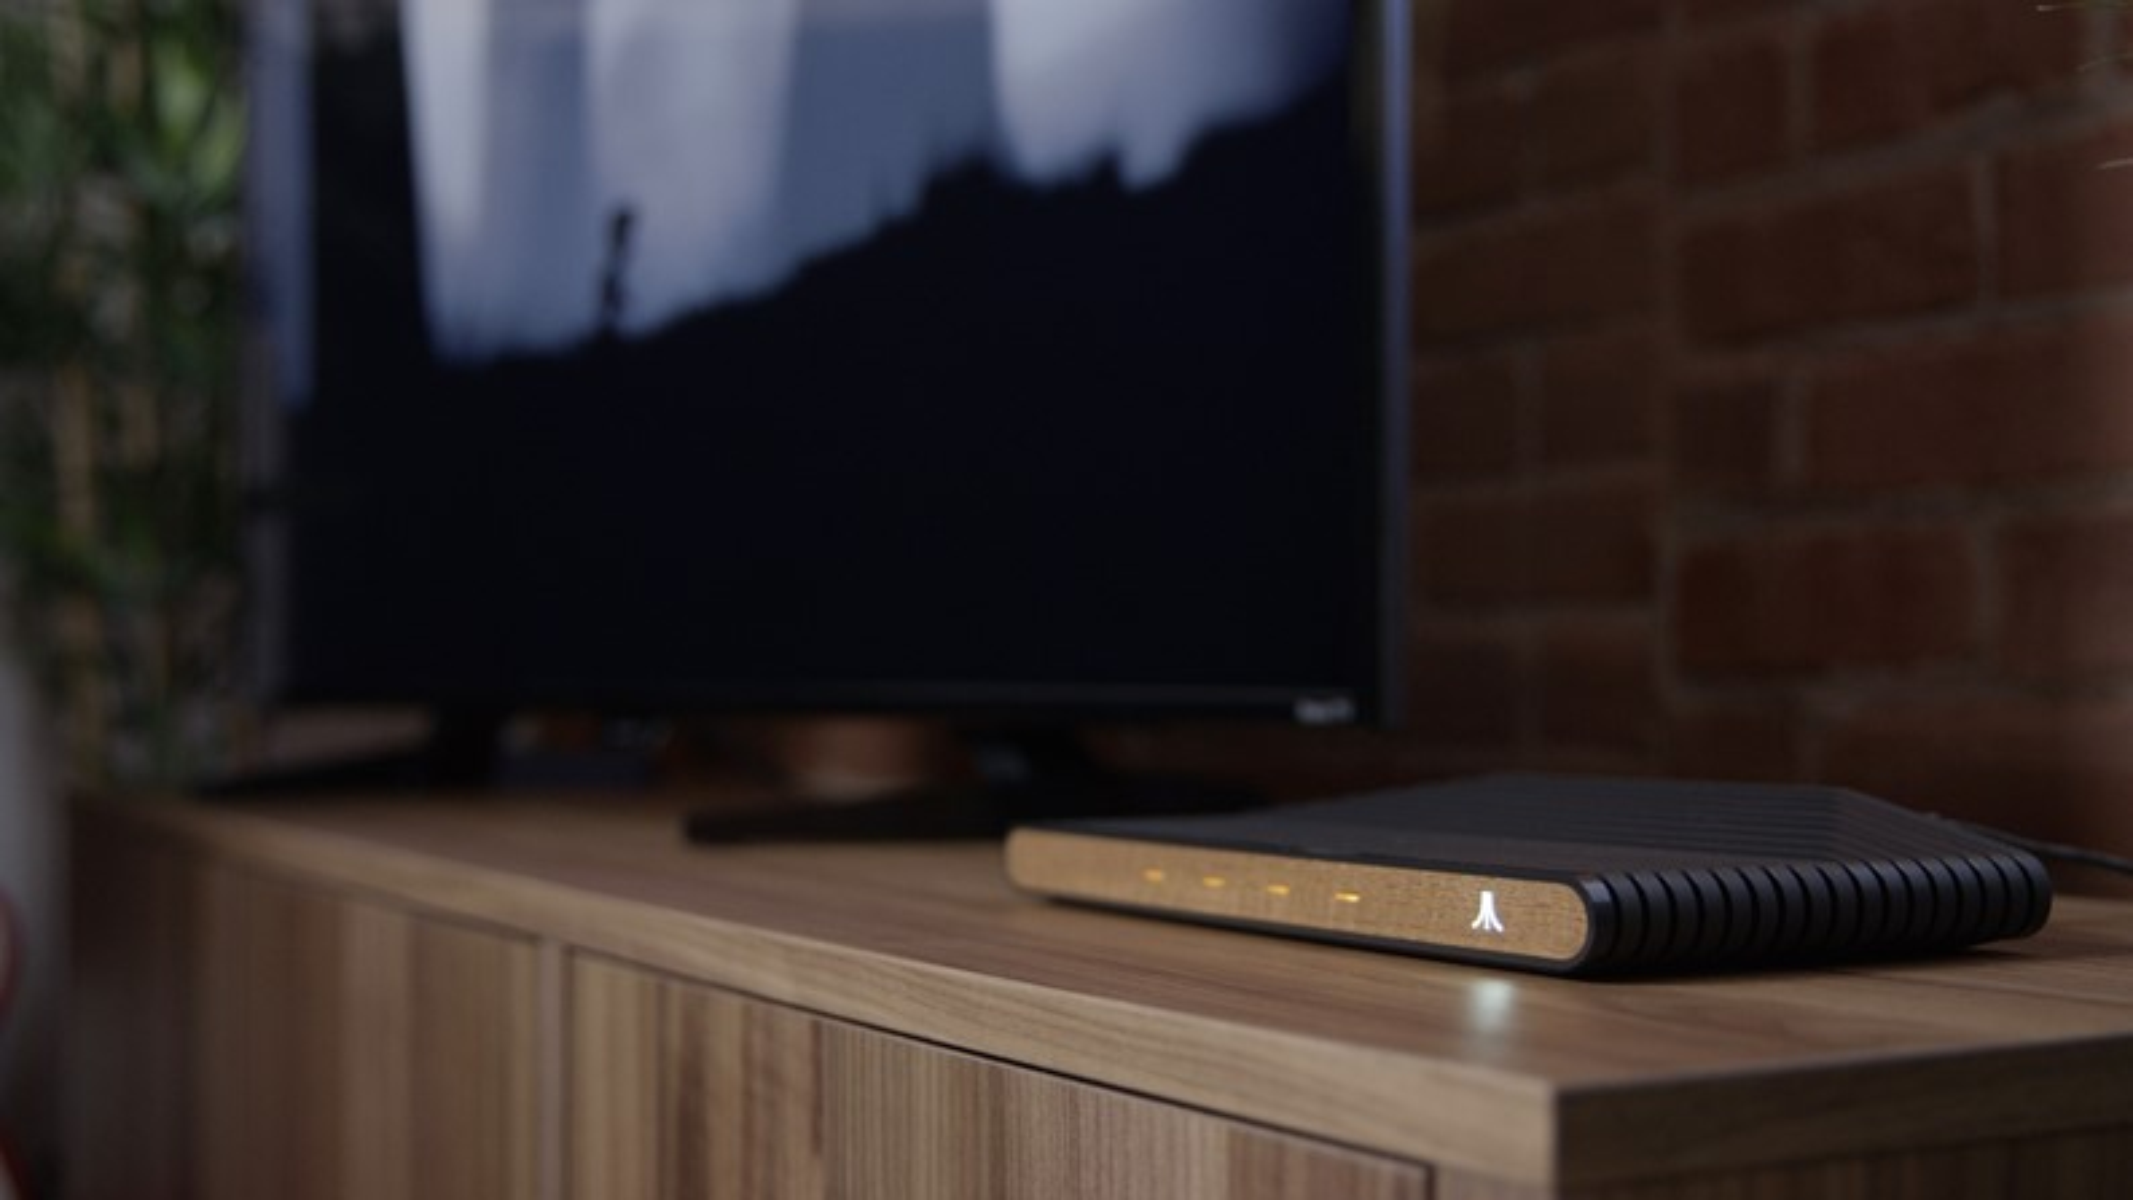 Atari VCS: confira o novo console da marca revelado na GDC